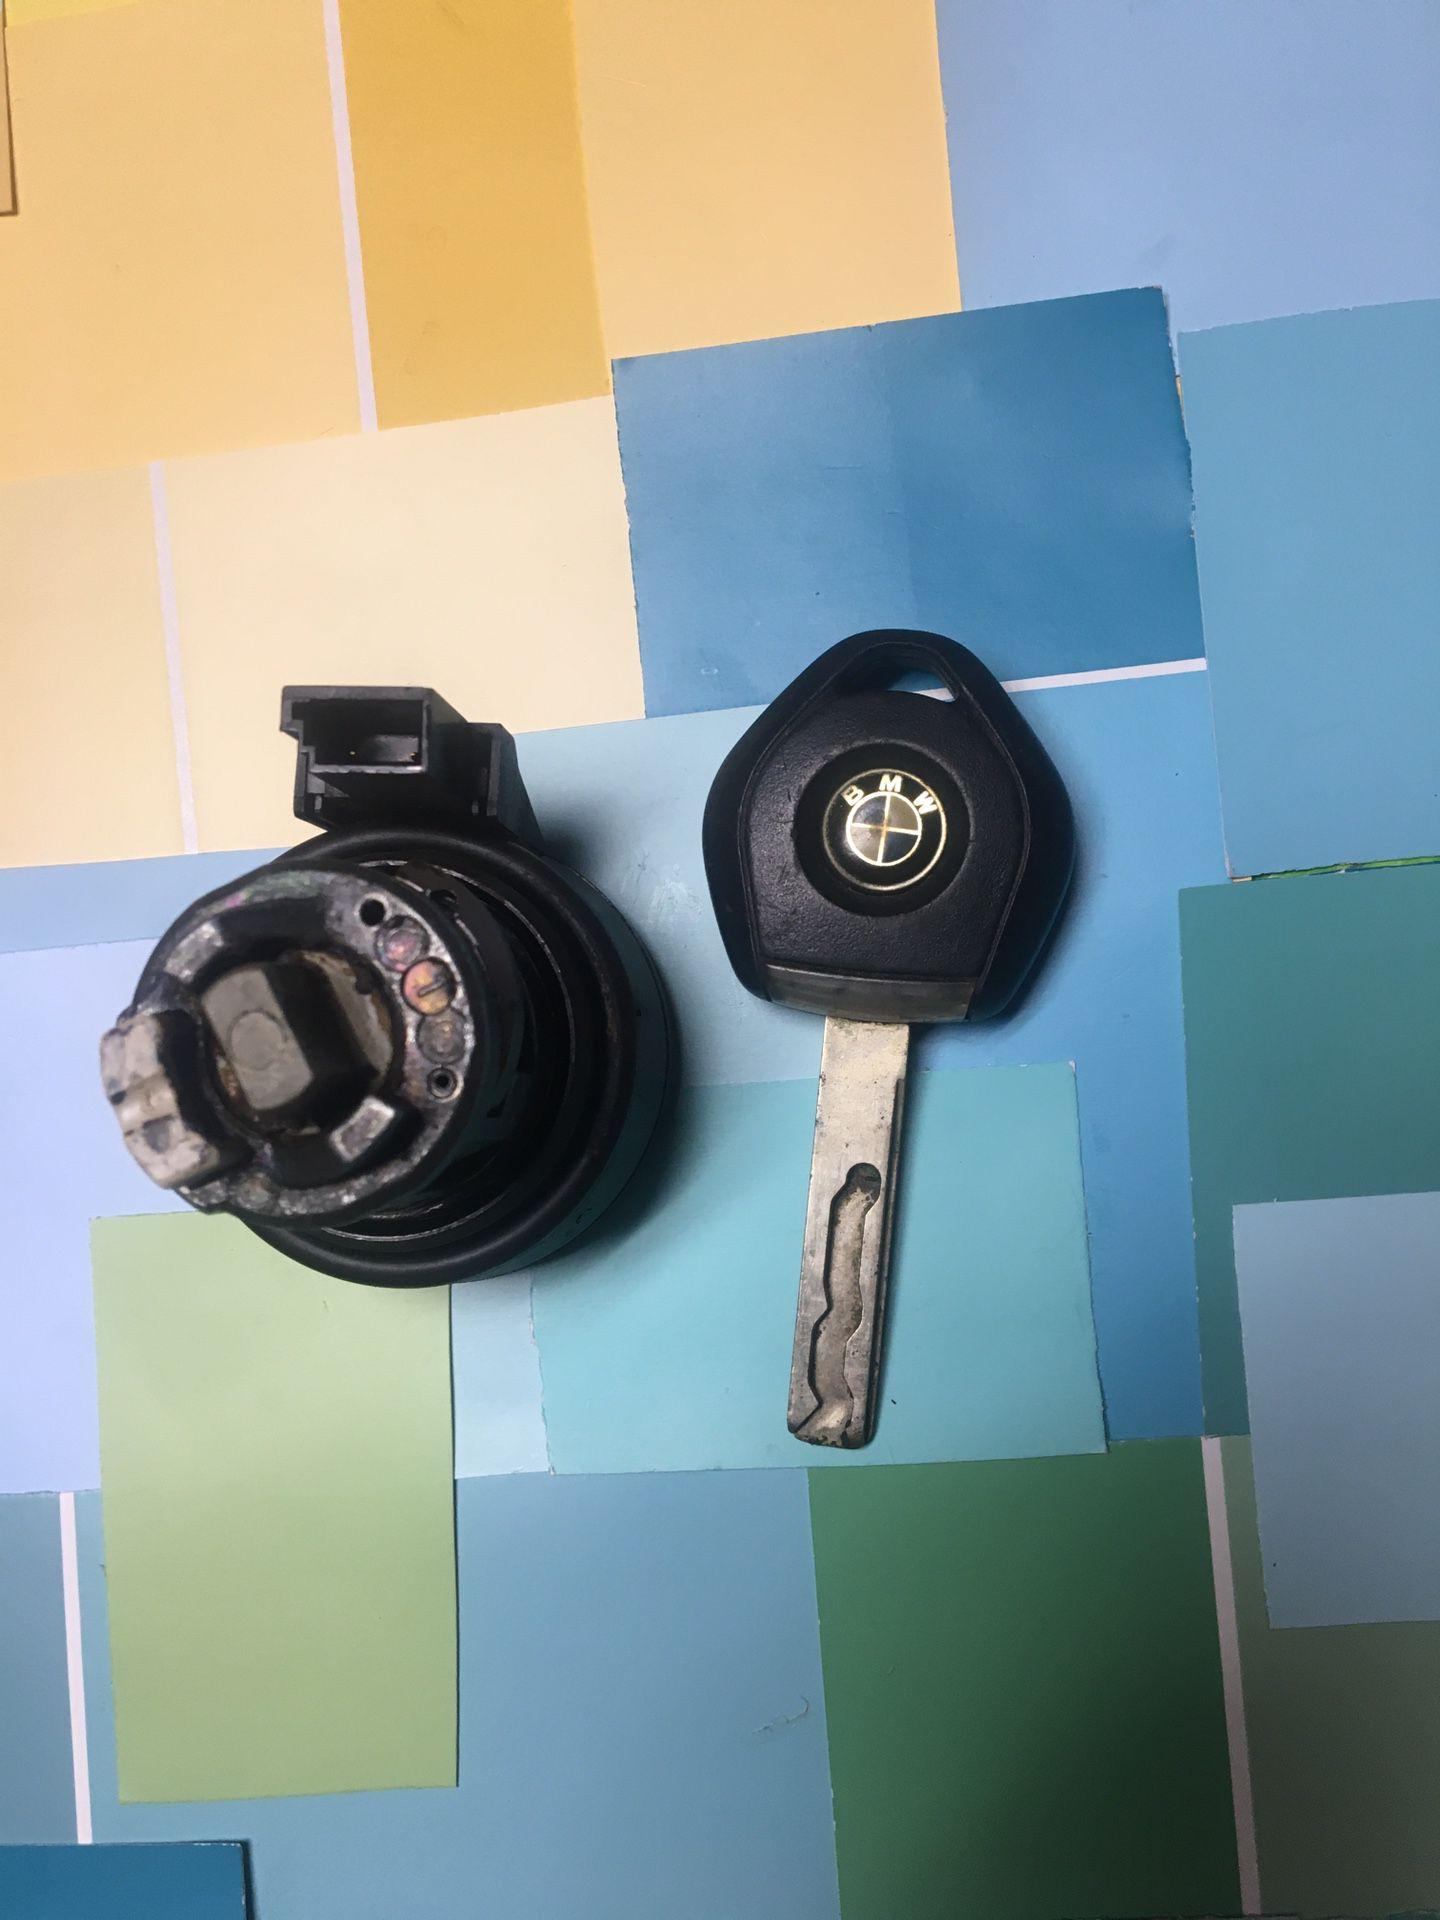 OEM 90's BMW Key , Halo And Tumbler Set